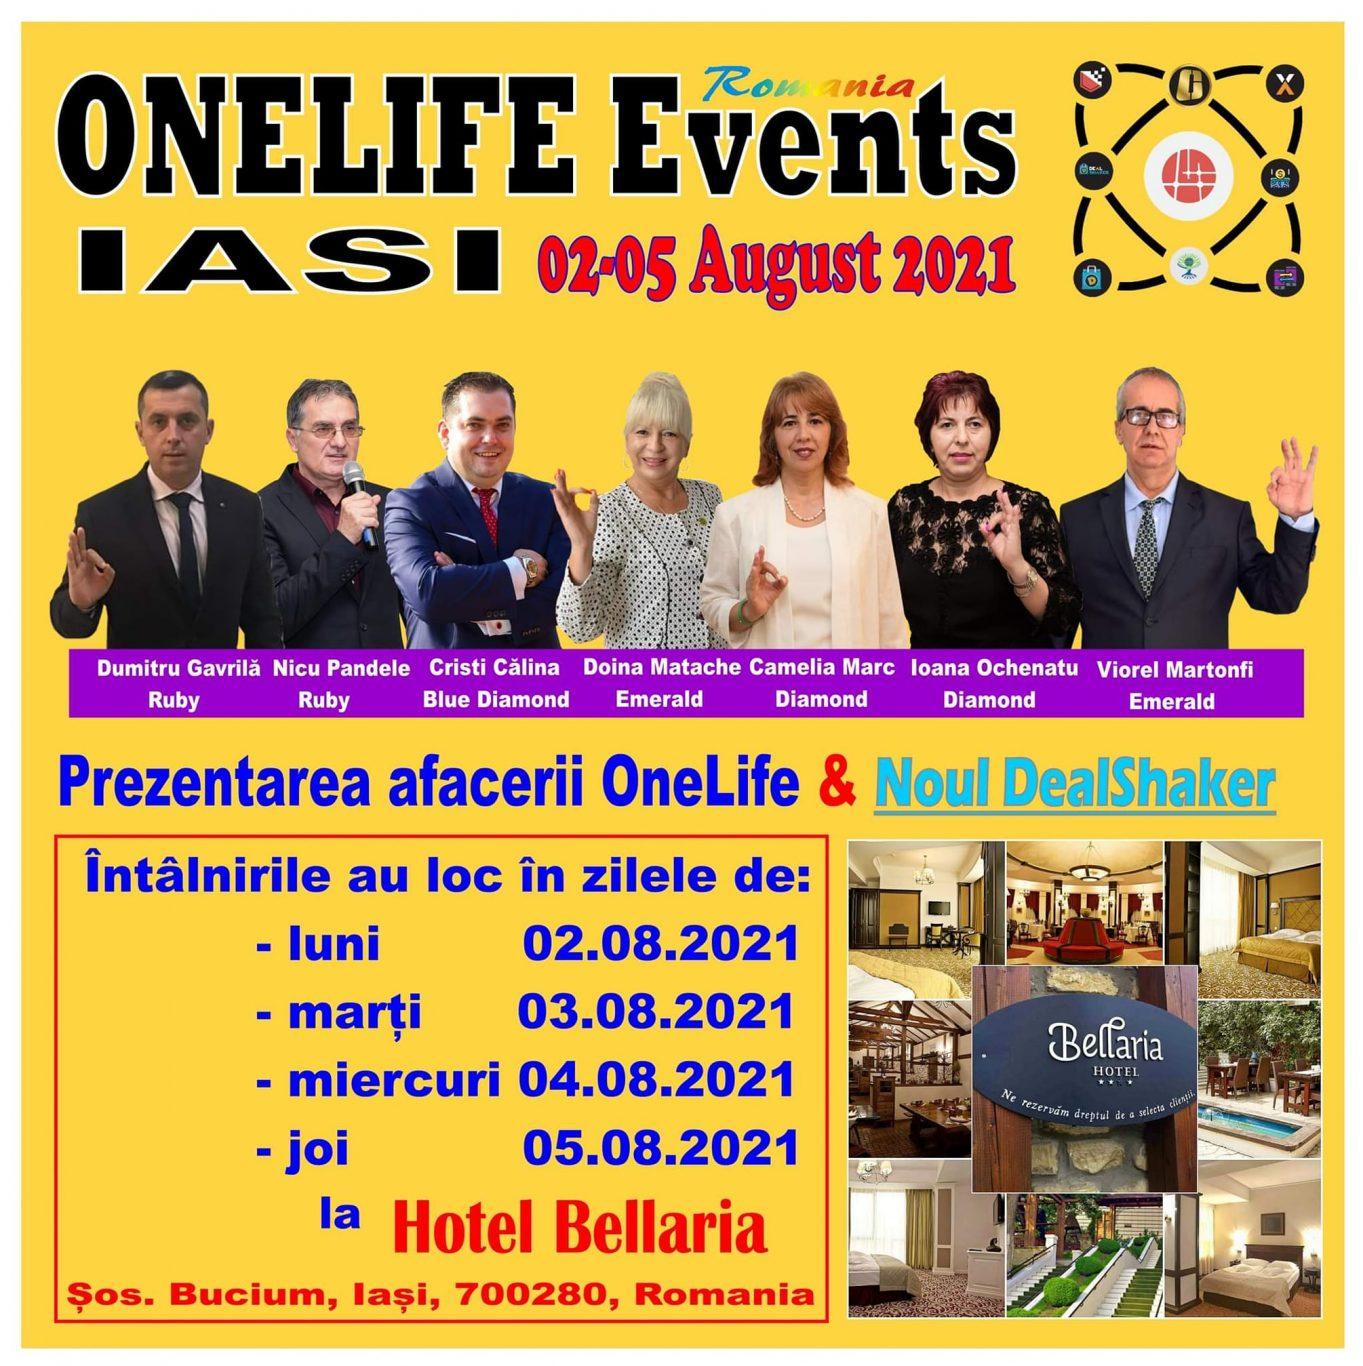 OneLife Events. Echipa OneLife România, la Râmnicu Vâlcea și Iași 226478668 4403214716394803 3532166783524089012 n